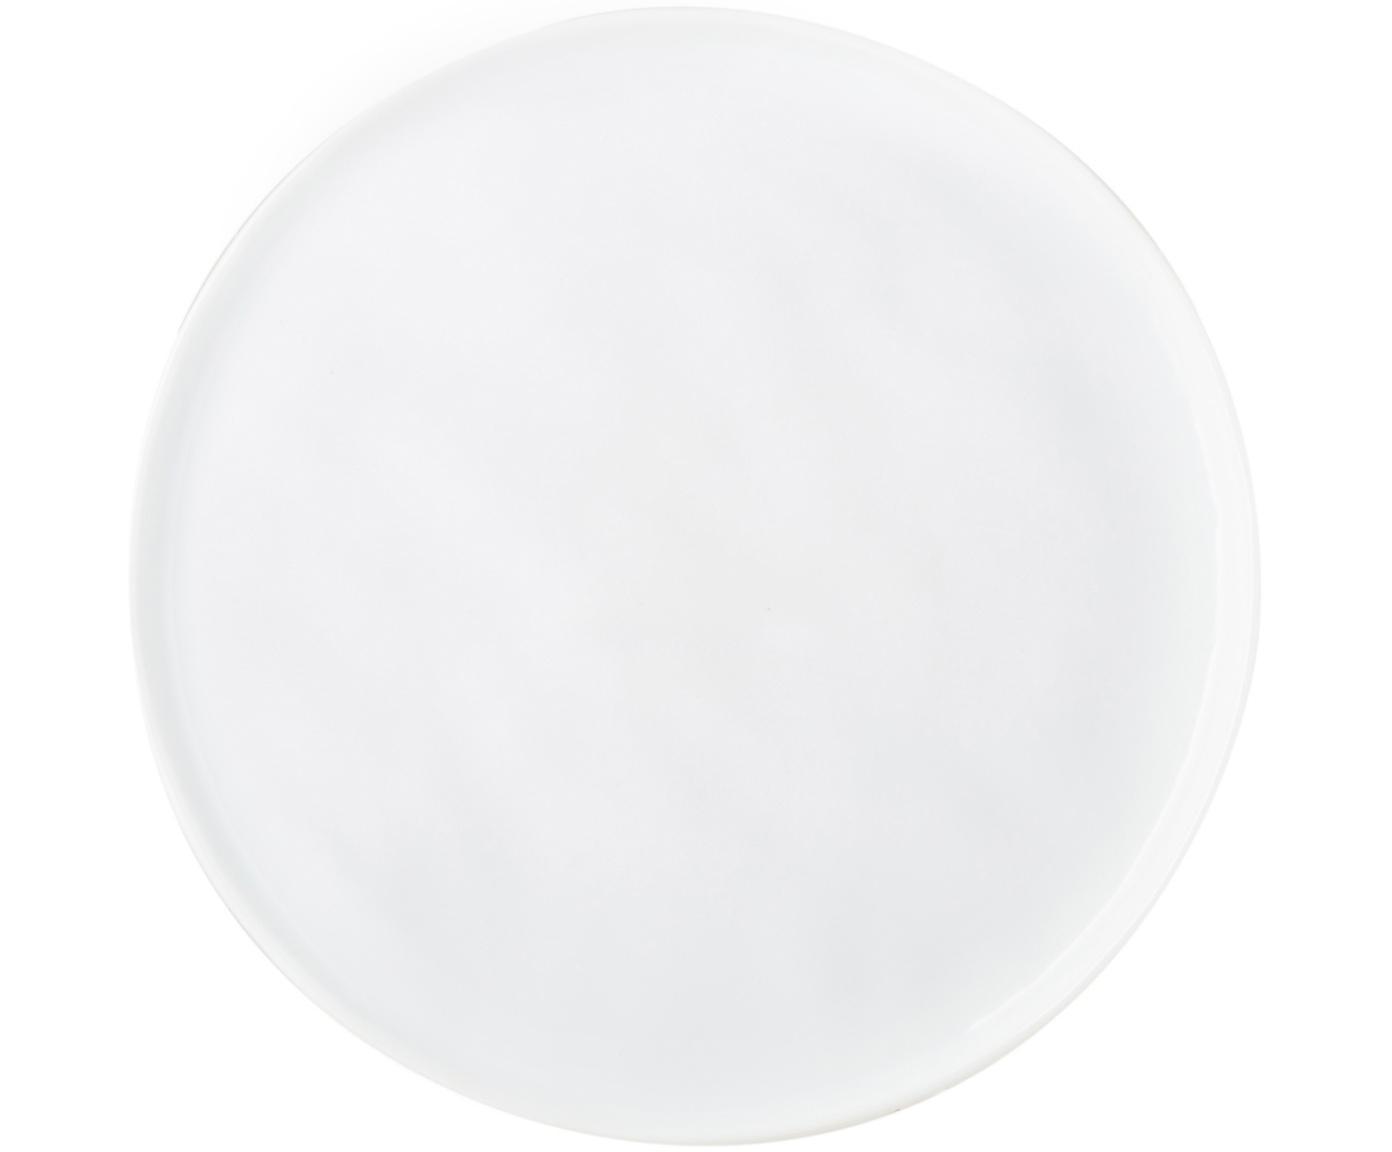 Talerz duży Porcelino, 4 szt., Porcelana o celowo nierównym kształcie, Biały, Ø 27 cm